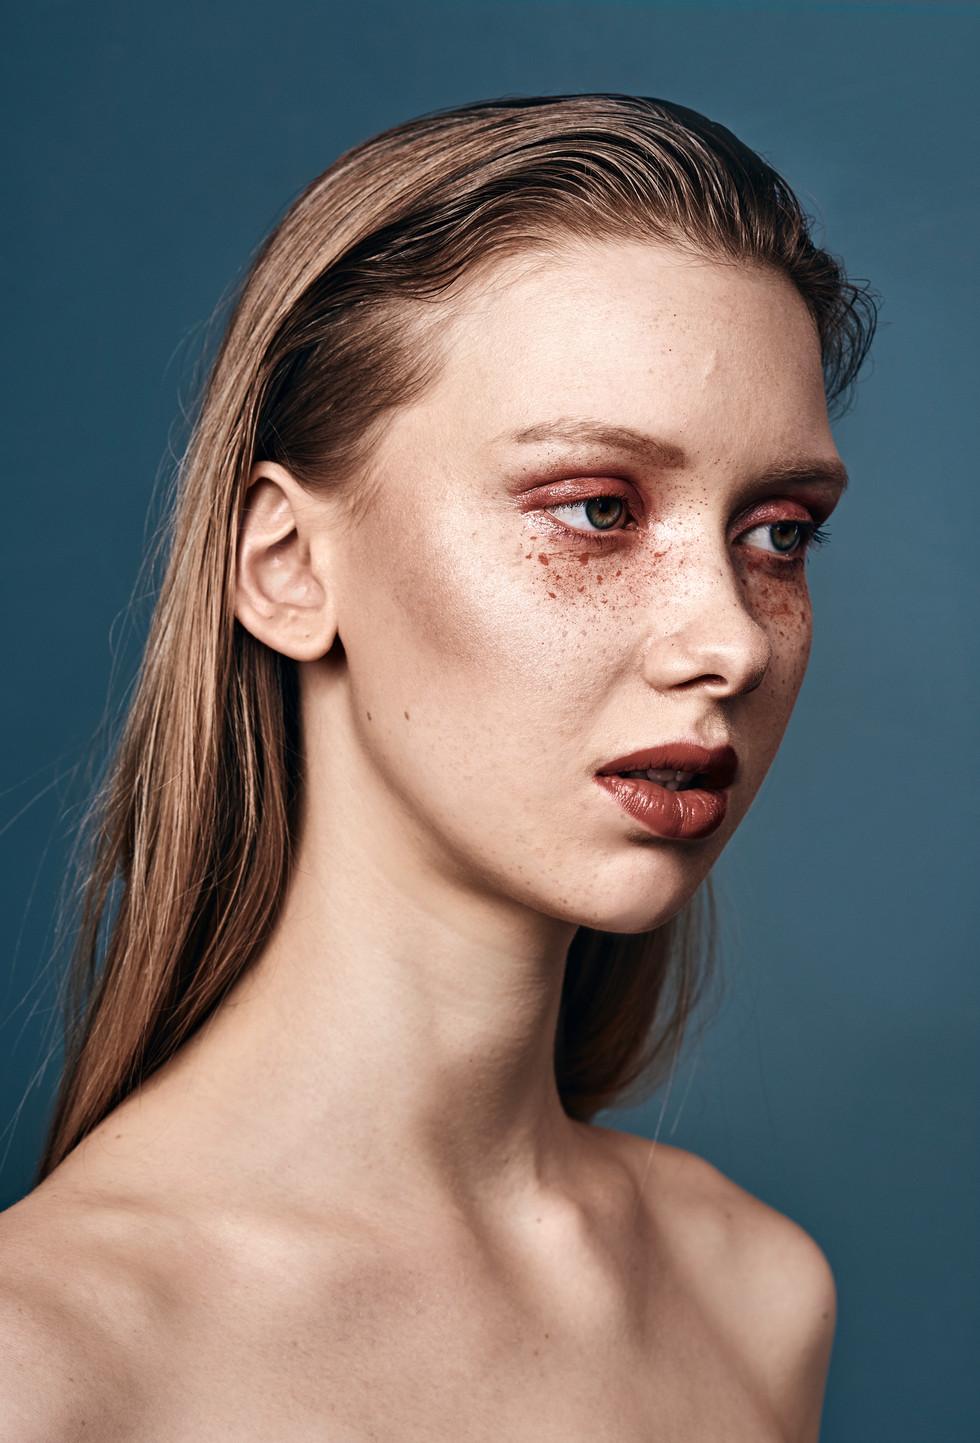 H&M: Agnes H. AV Make-Up Artist Model: Vanessa